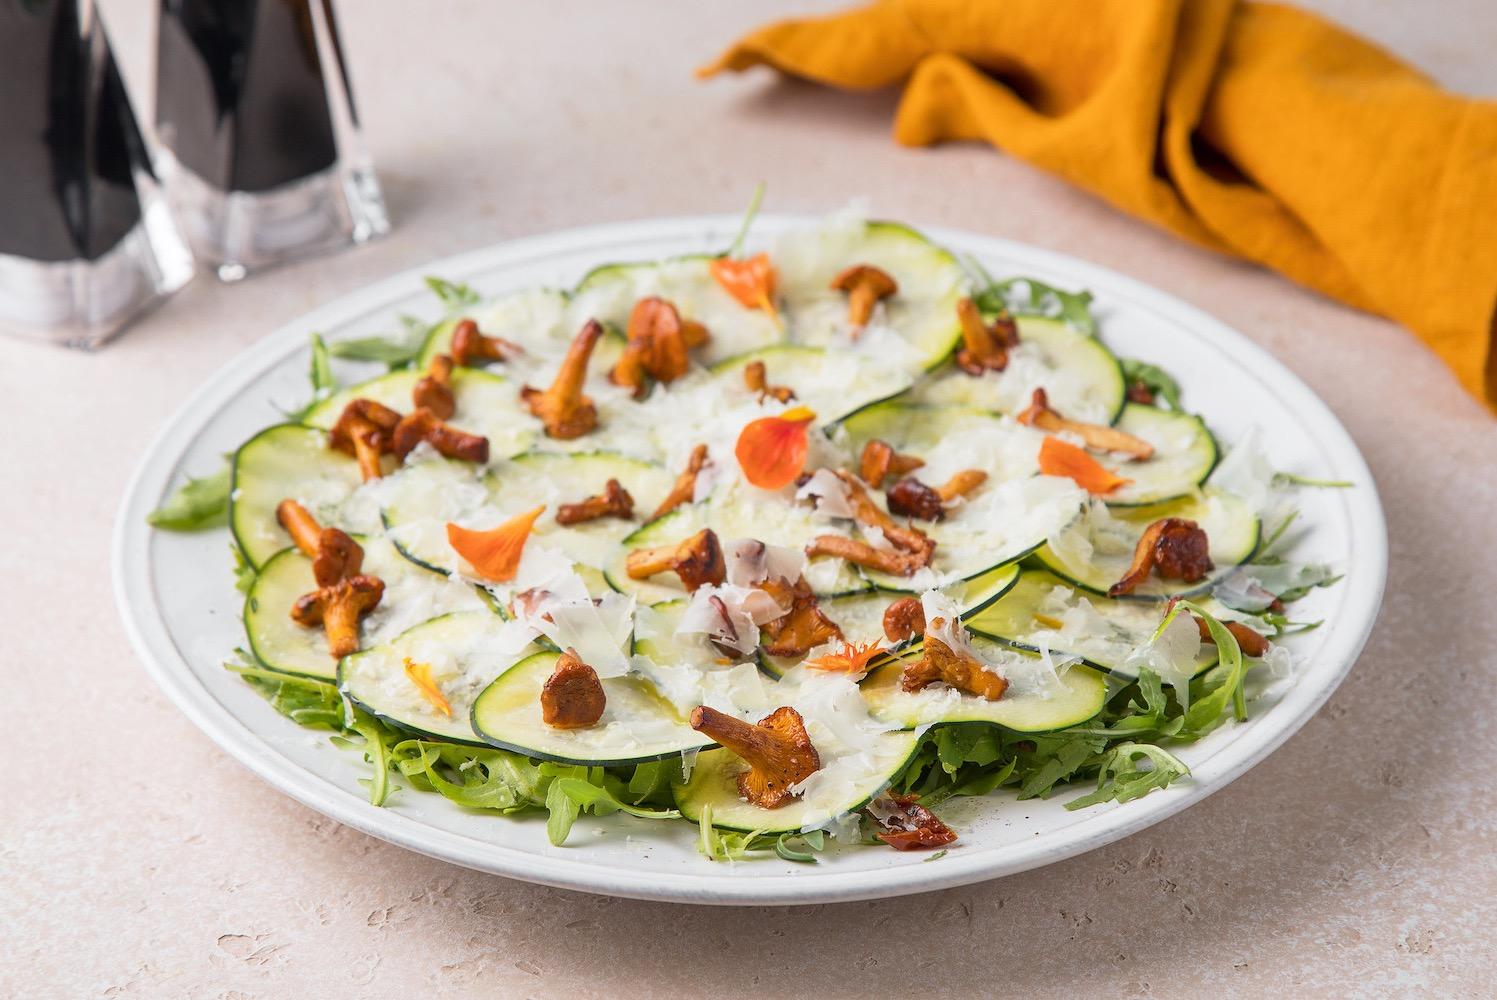 Салат с хрустящими цукини, лисичками и сыром пекорино